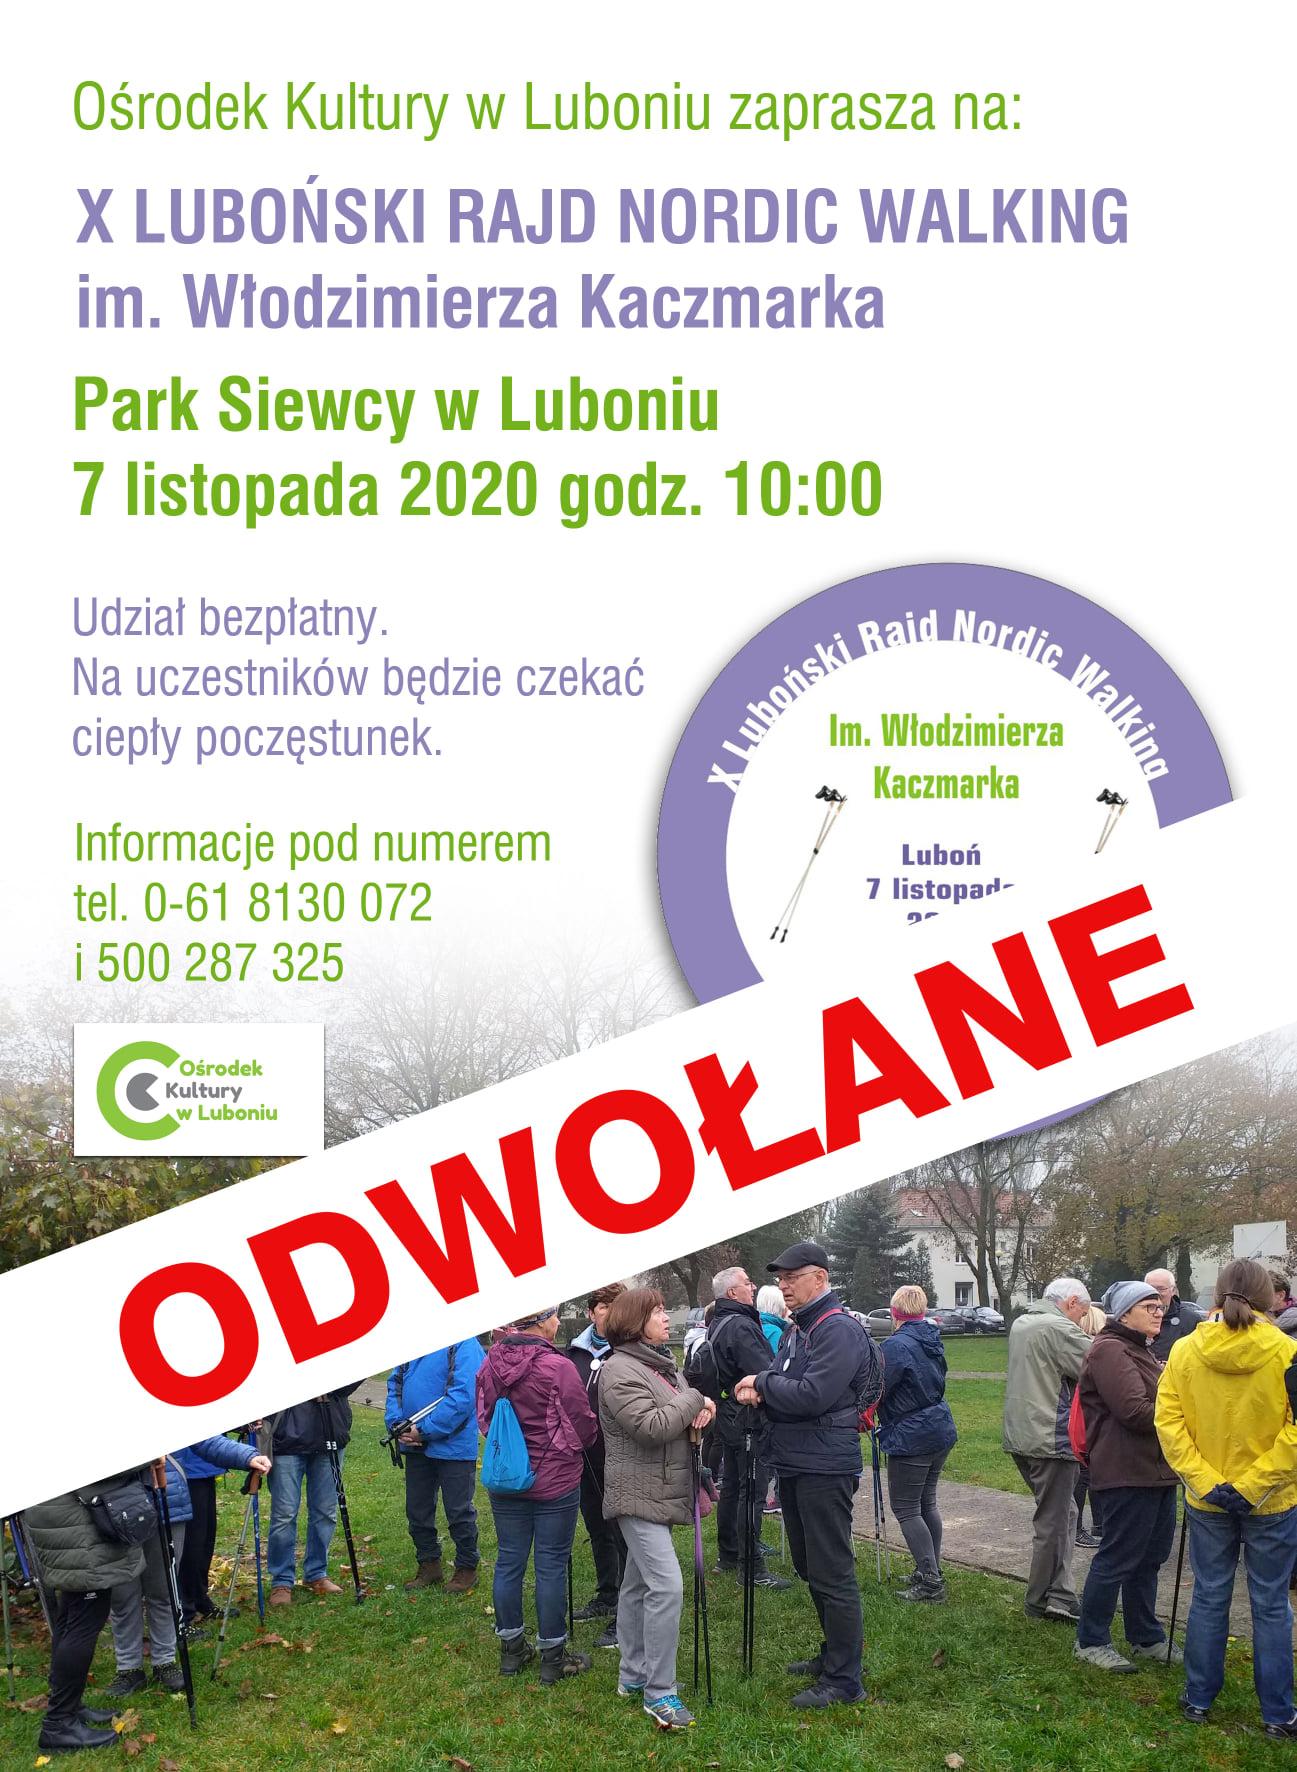 X Rajd Nordic Walking im. Włodzimierza Kaczmarka - odwołany!